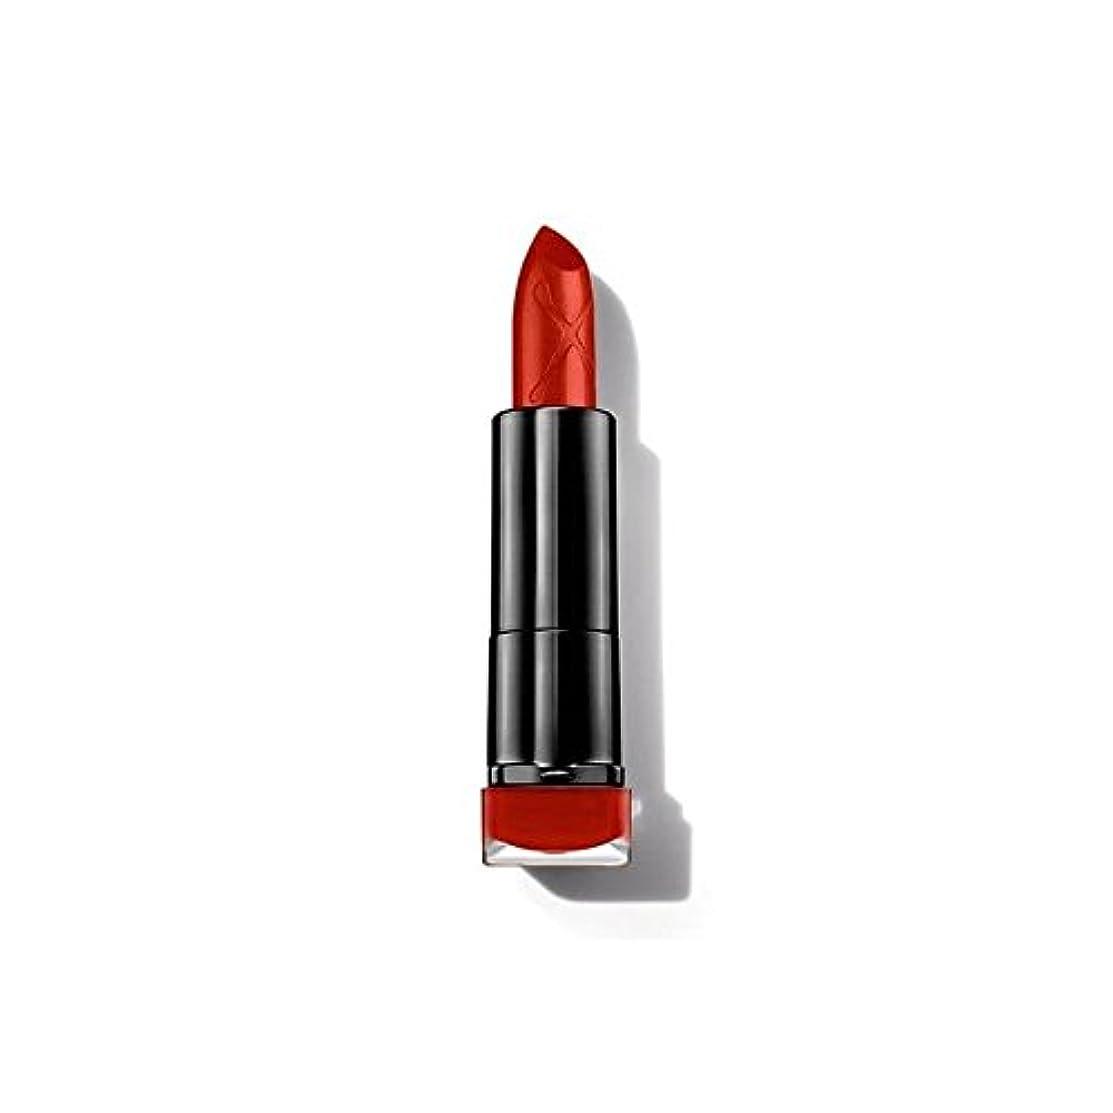 再生抑制する雇用者マックスファクターカラーエリキシルマット弾丸口紅の願望30 x4 - Max Factor Colour Elixir Matte Bullet Lipstick Desire 30 (Pack of 4) [並行輸入品]